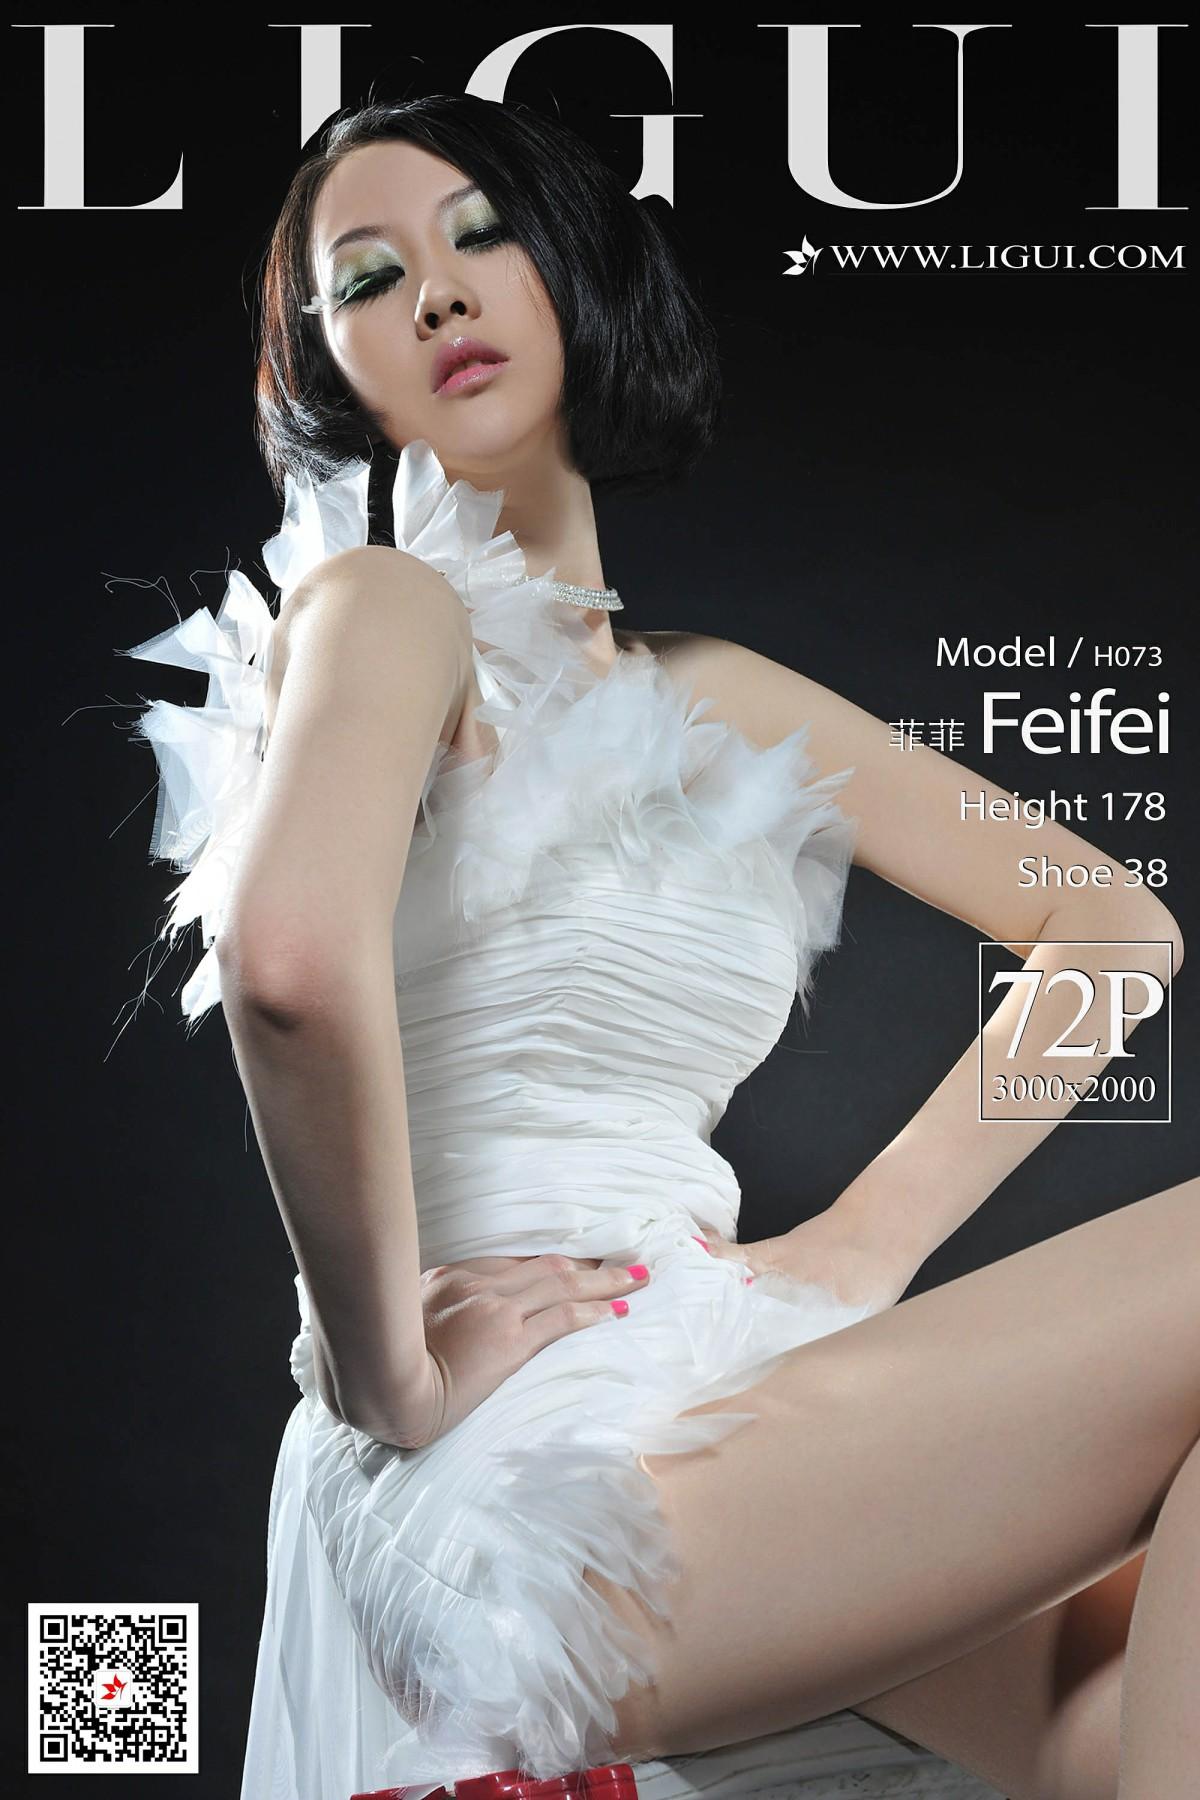 [Ligui丽柜]2020.05.24 网络丽人 Model 菲菲